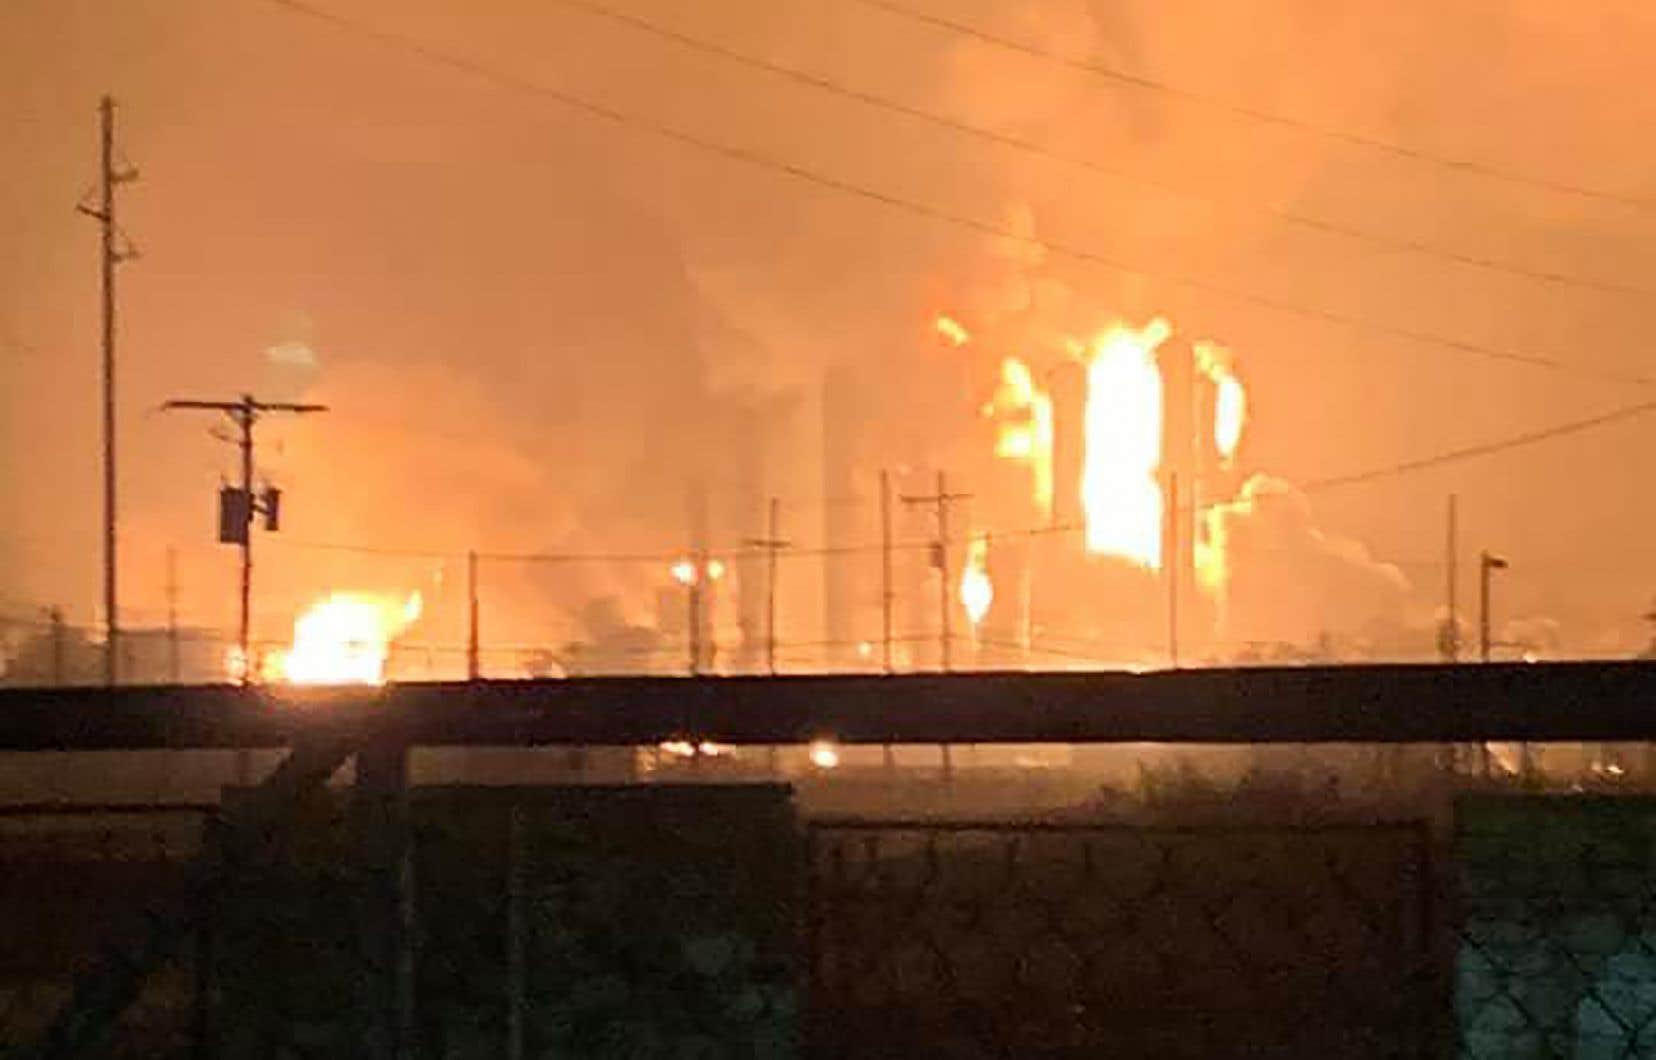 Des vidéos et photos partagées sur les réseaux sociaux montrent une énorme explosion et une boule de feu dans l'atmosphère.